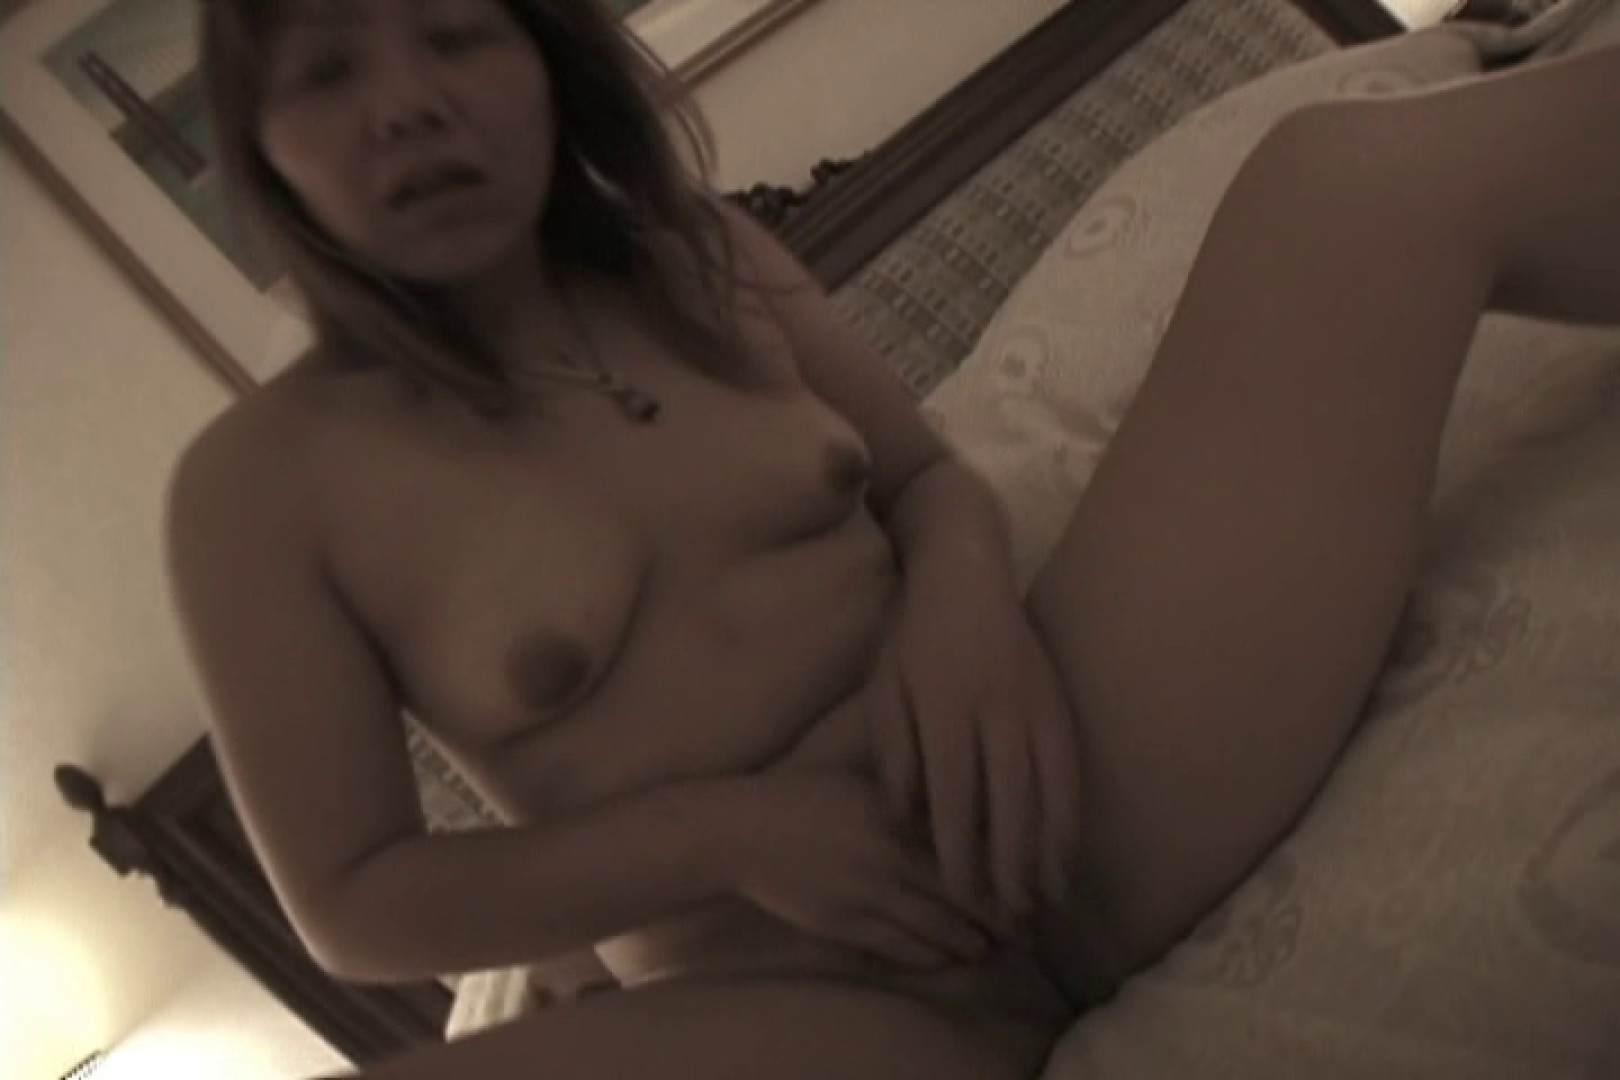 ハメ撮り|ツンデレ素人嬢もチンポには弱い~増田あけみ~|大奥